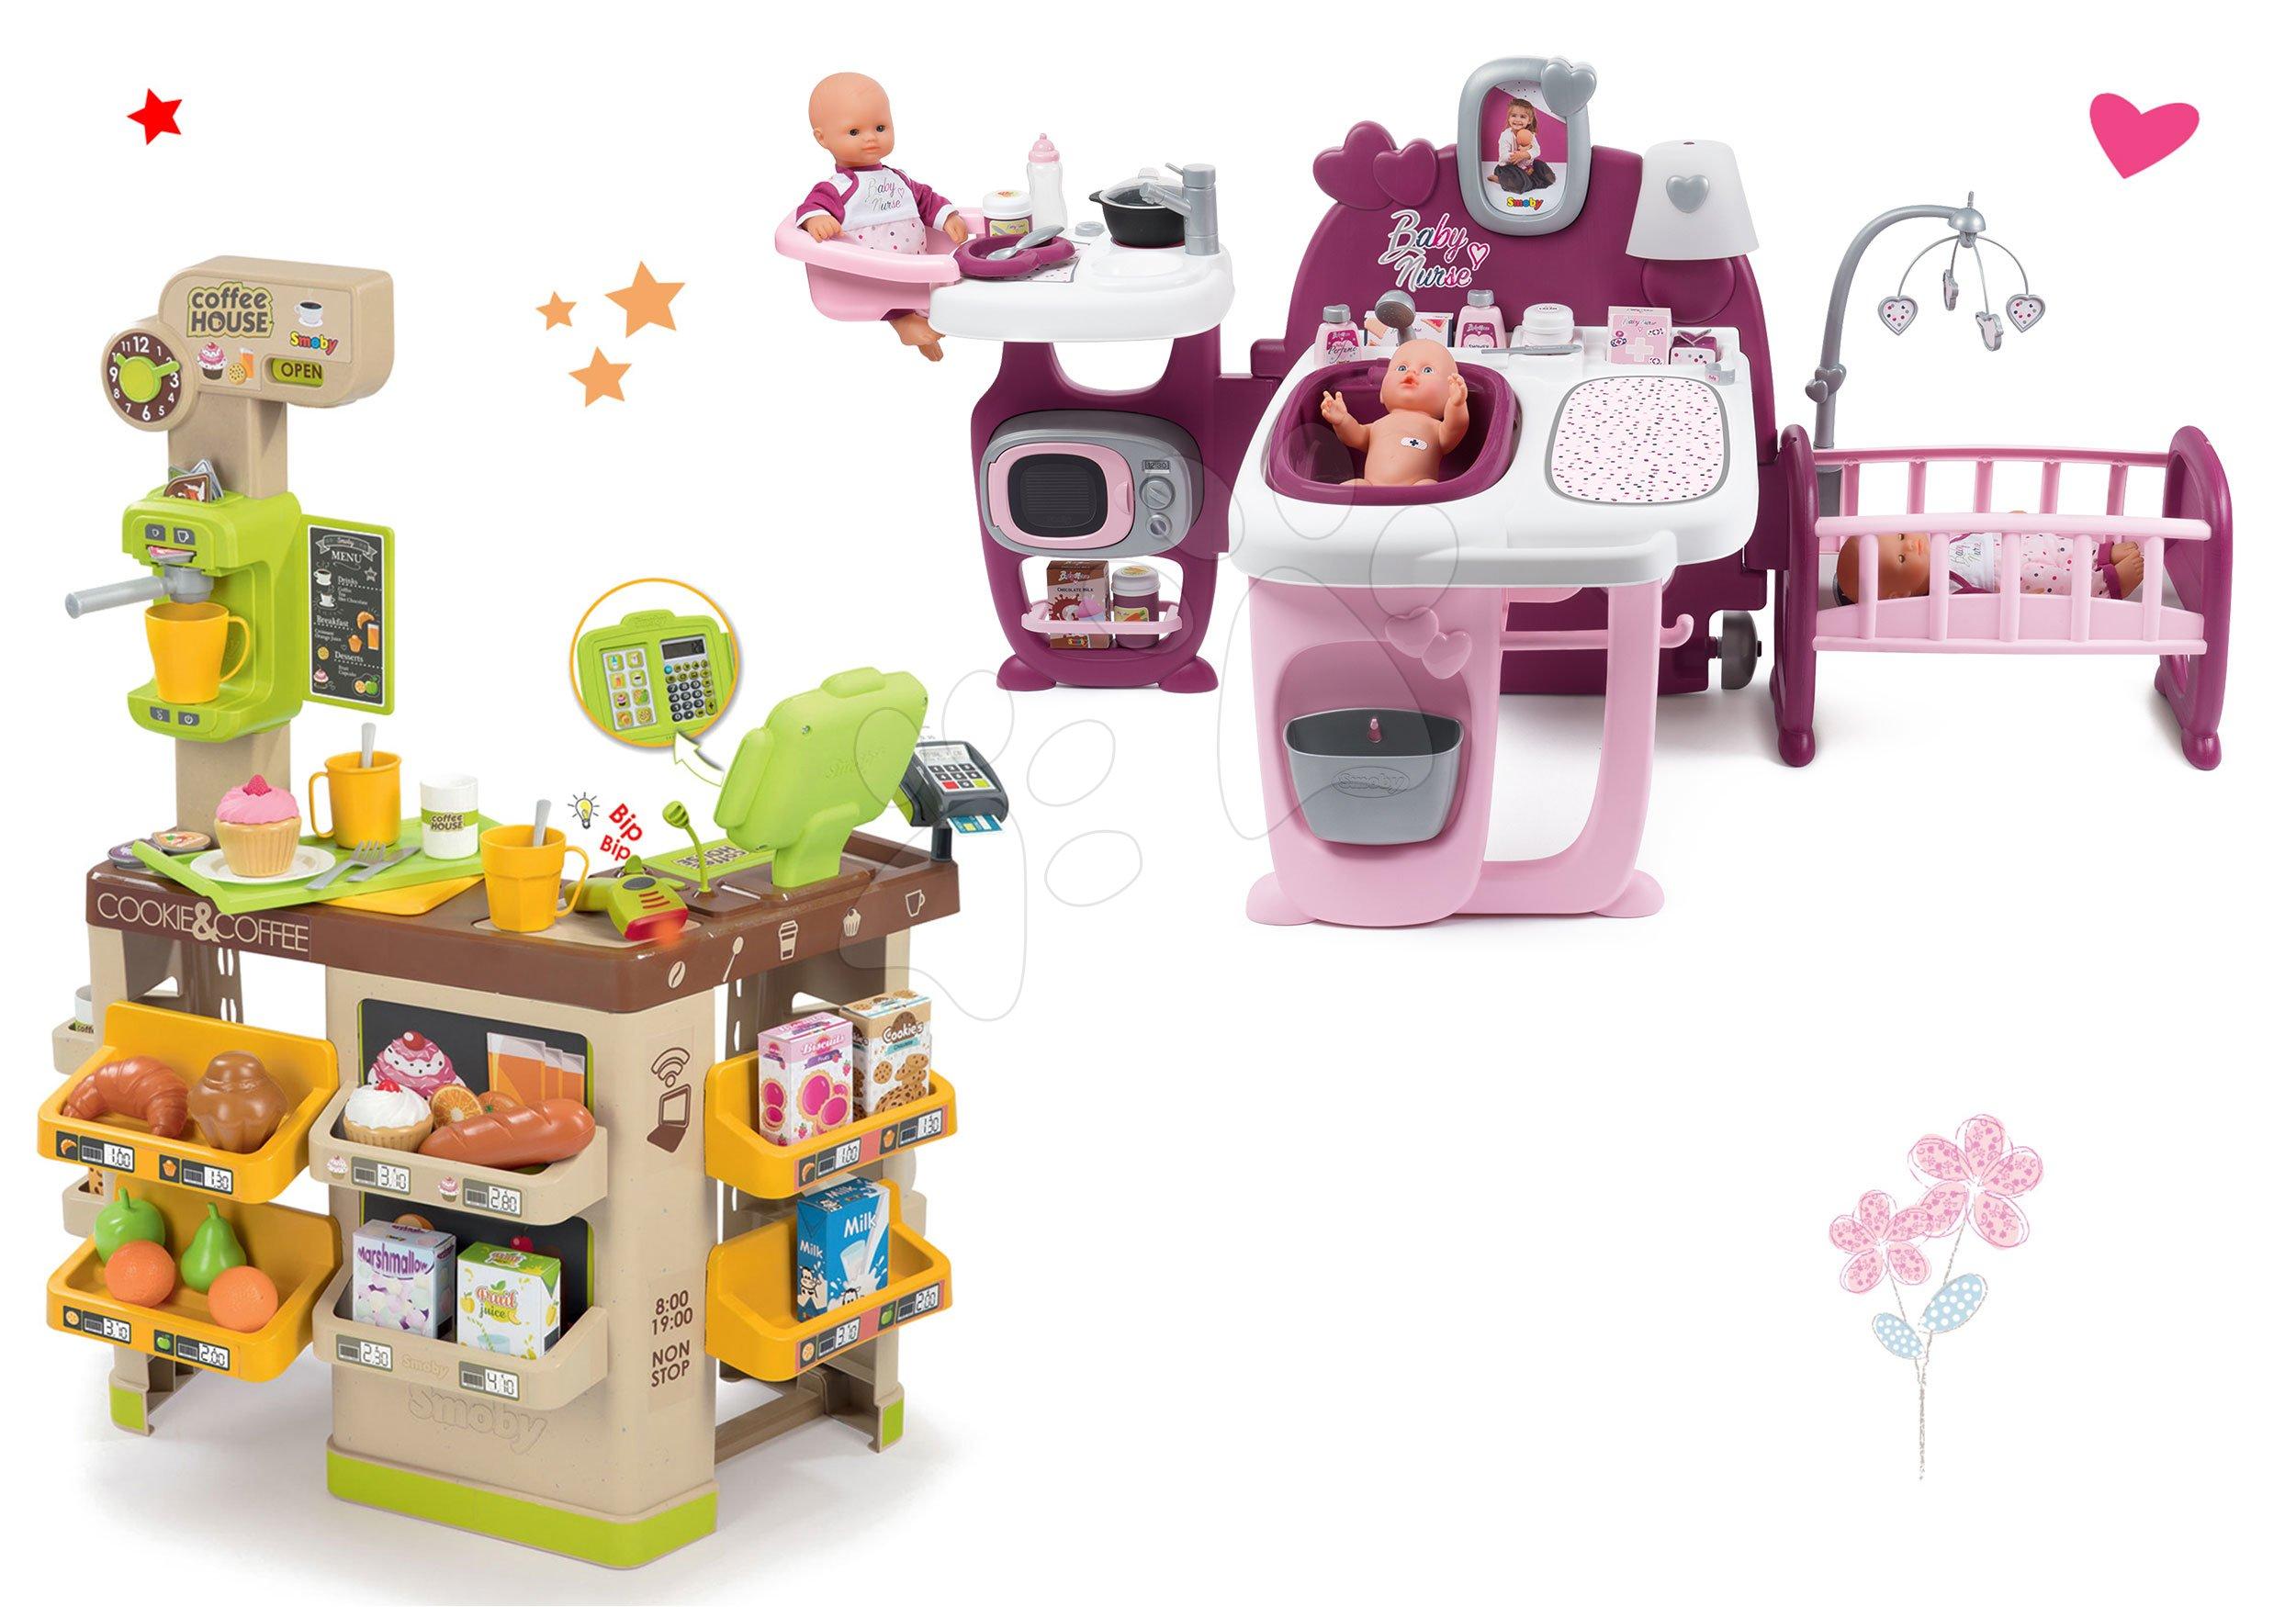 Smoby set domček pre bábiku Baby Nurse Doll´s Play Center a kaviareň s kávovarom Coffee House 220327-10